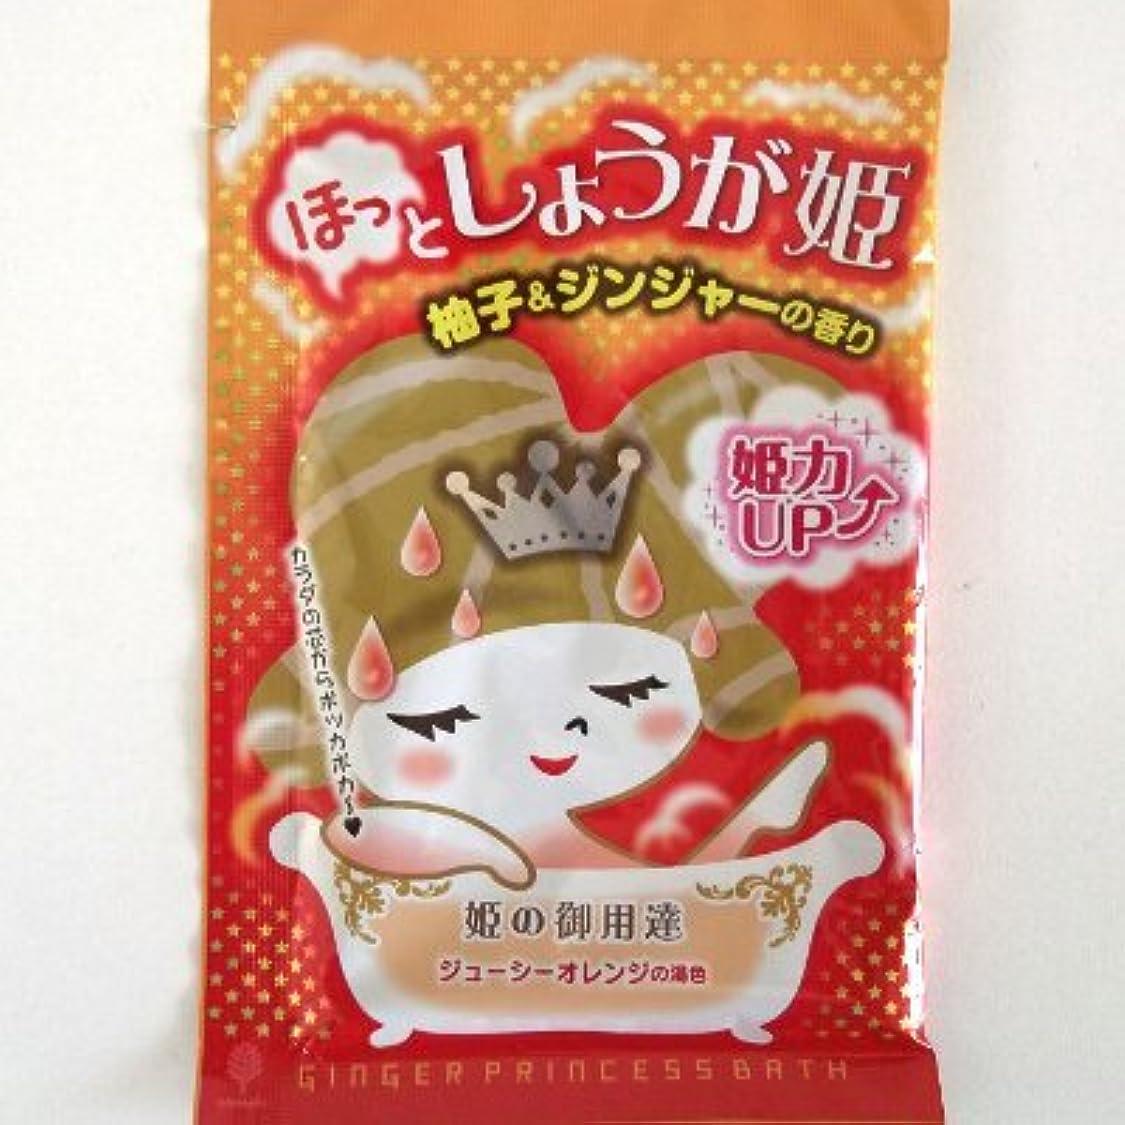 リビジョン穏やかなアクセル紀陽除虫菊 ほっとしょうが姫 柚子&ジンジャーの香り【まとめ買い12個セット】 N-8400